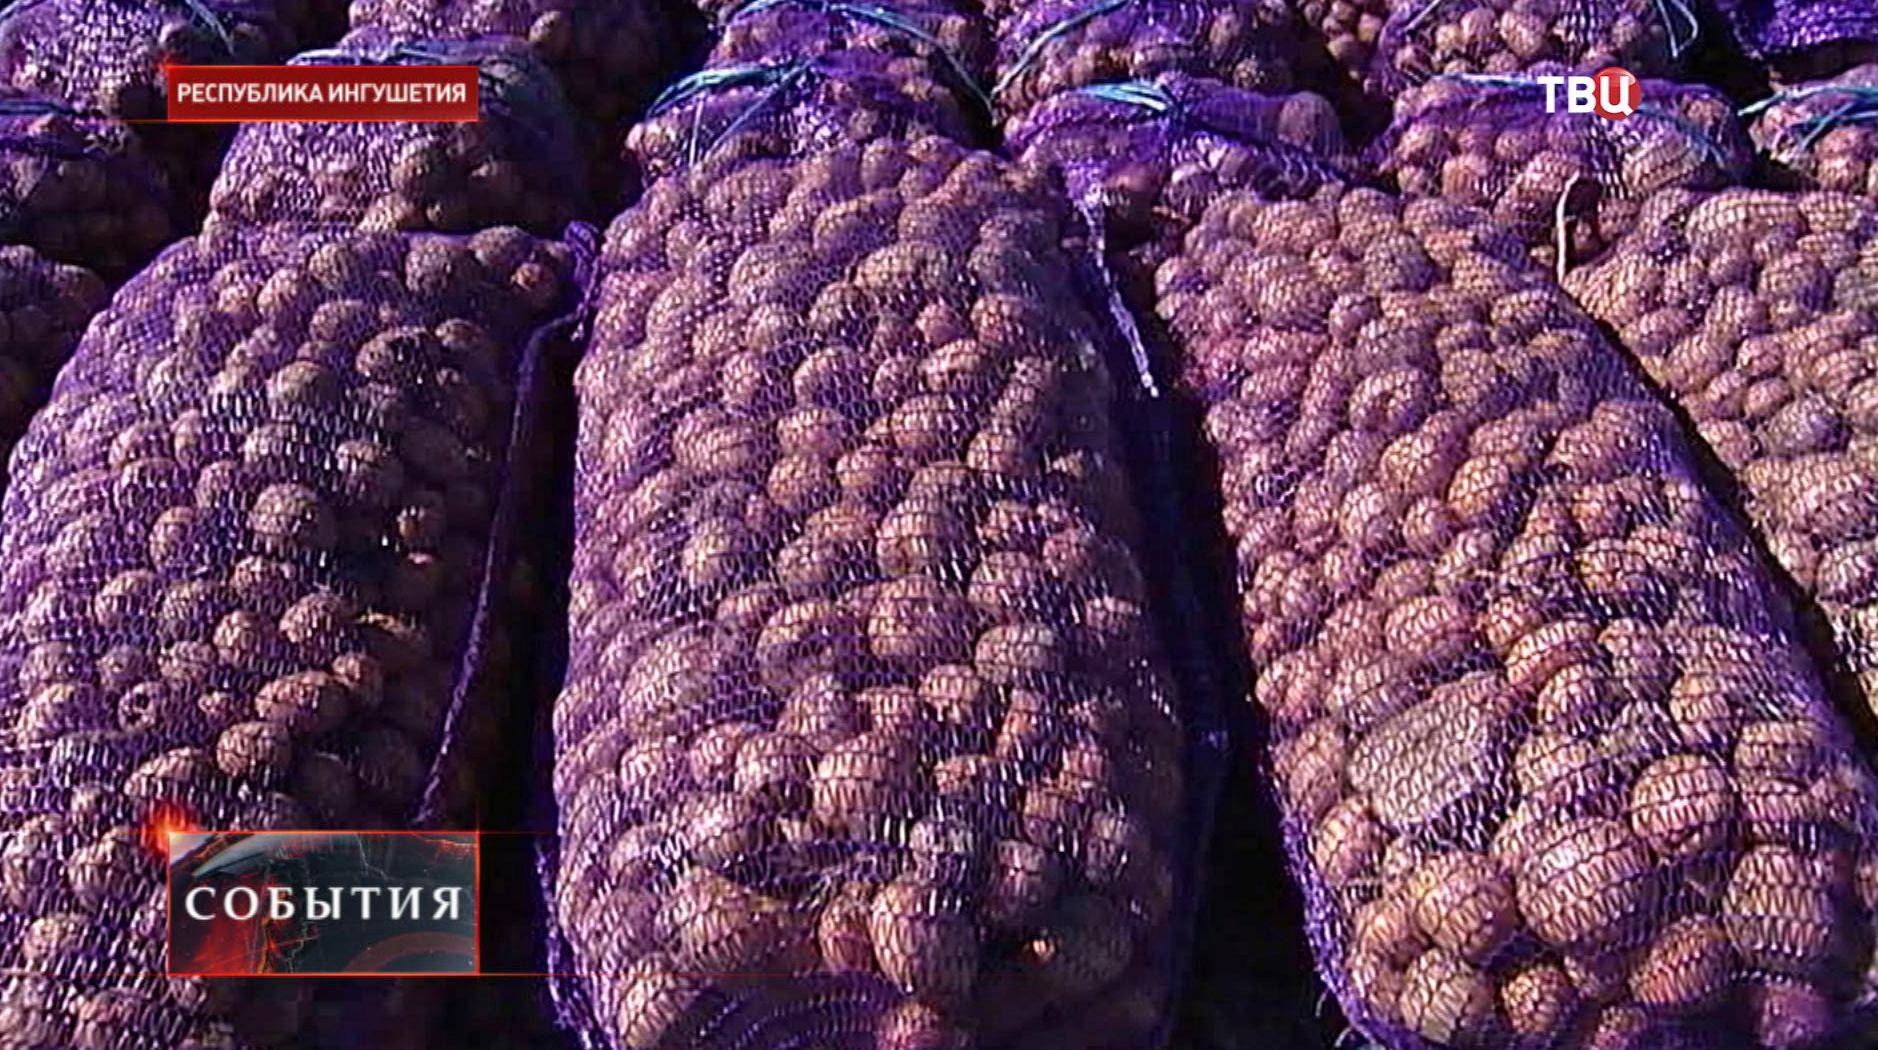 Фермеры Ингушетии собрали рекордный урожай картофеля